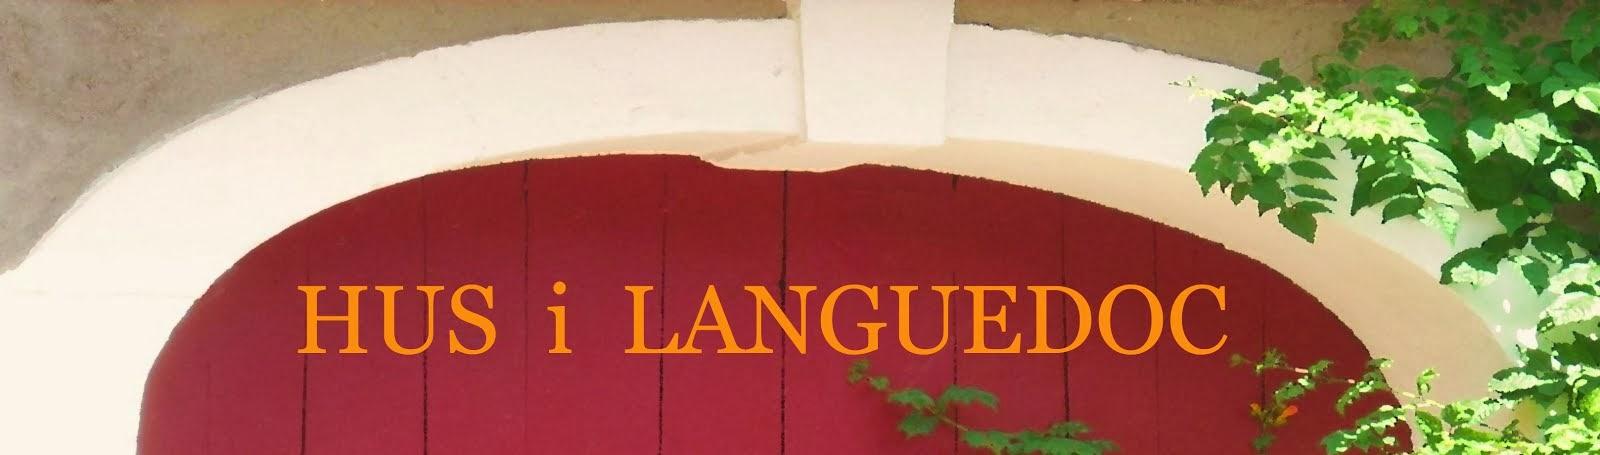 Hus i Languedoc